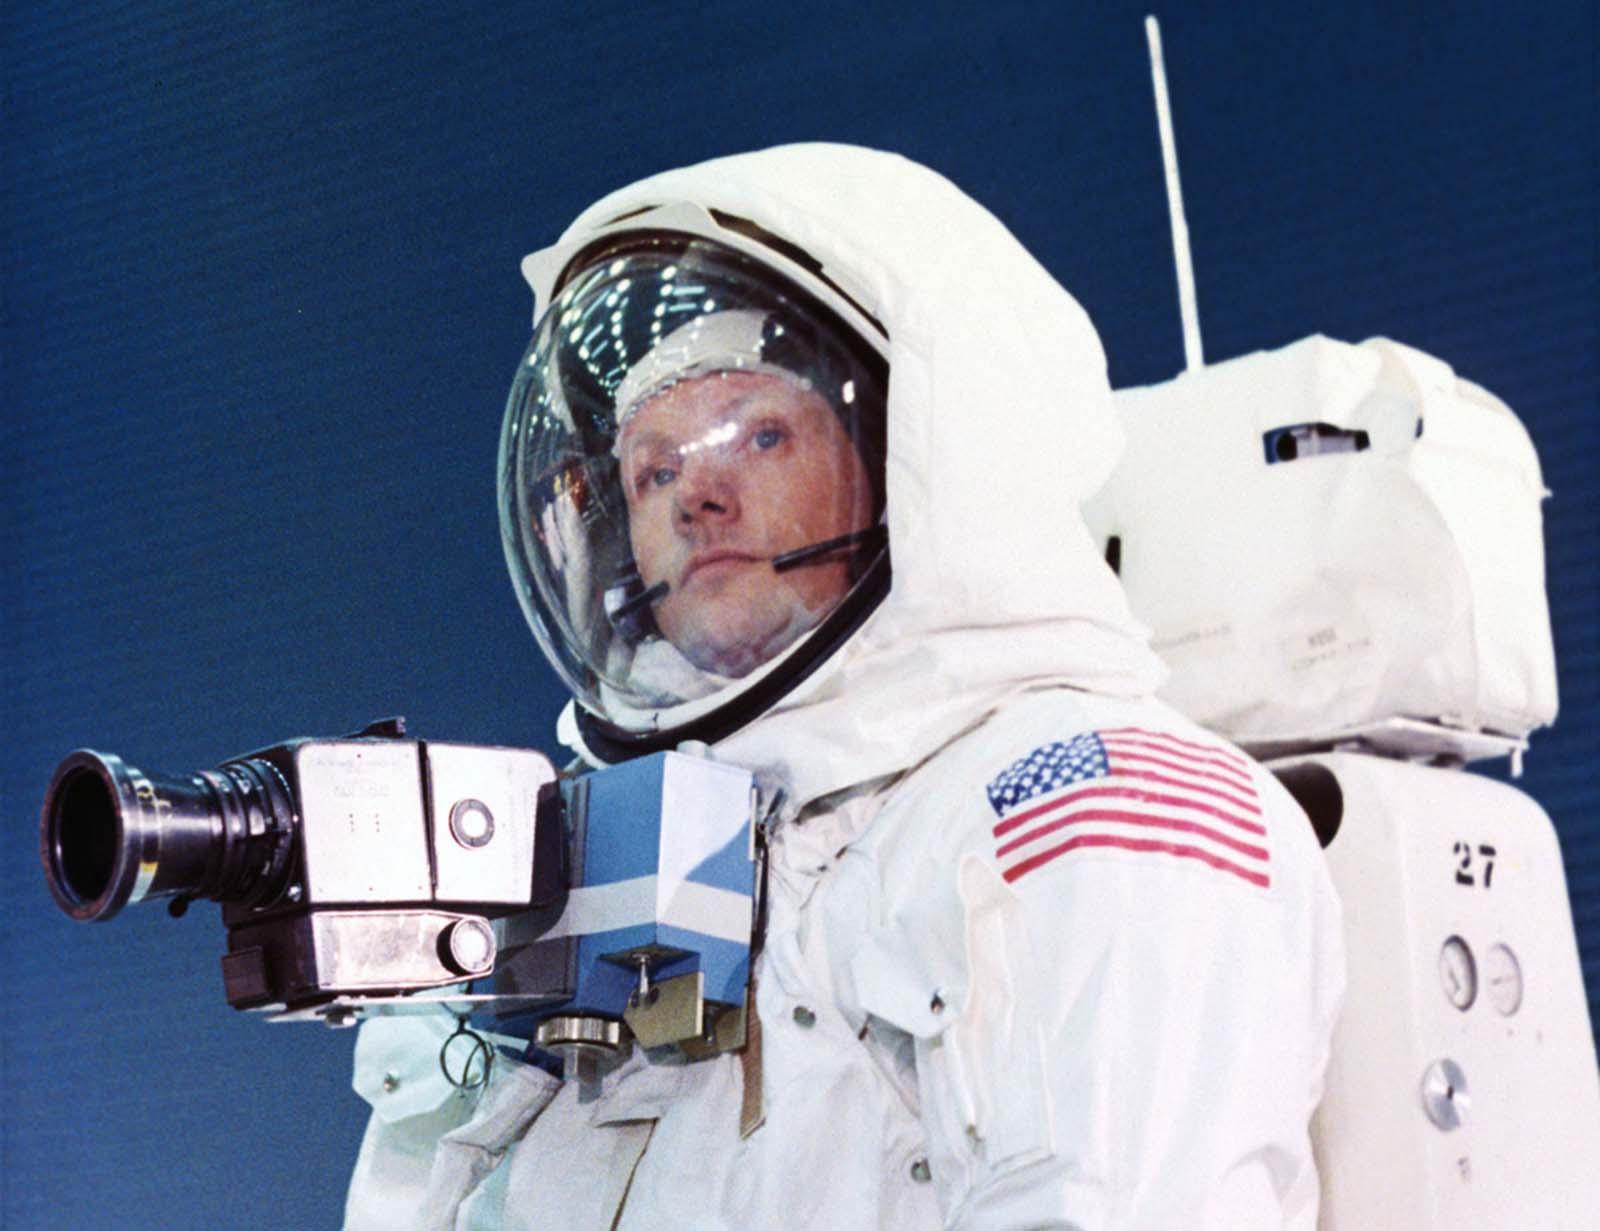 O comandante da Apollo 11, Neil Armstrong, treina no traje espacial que ele usará na superfície lunar. Uma câmera é anexada ao seu peito, dando-lhe pleno uso de seus braços; a mochila fornece oxigênio, pressurização e controle de temperatura.